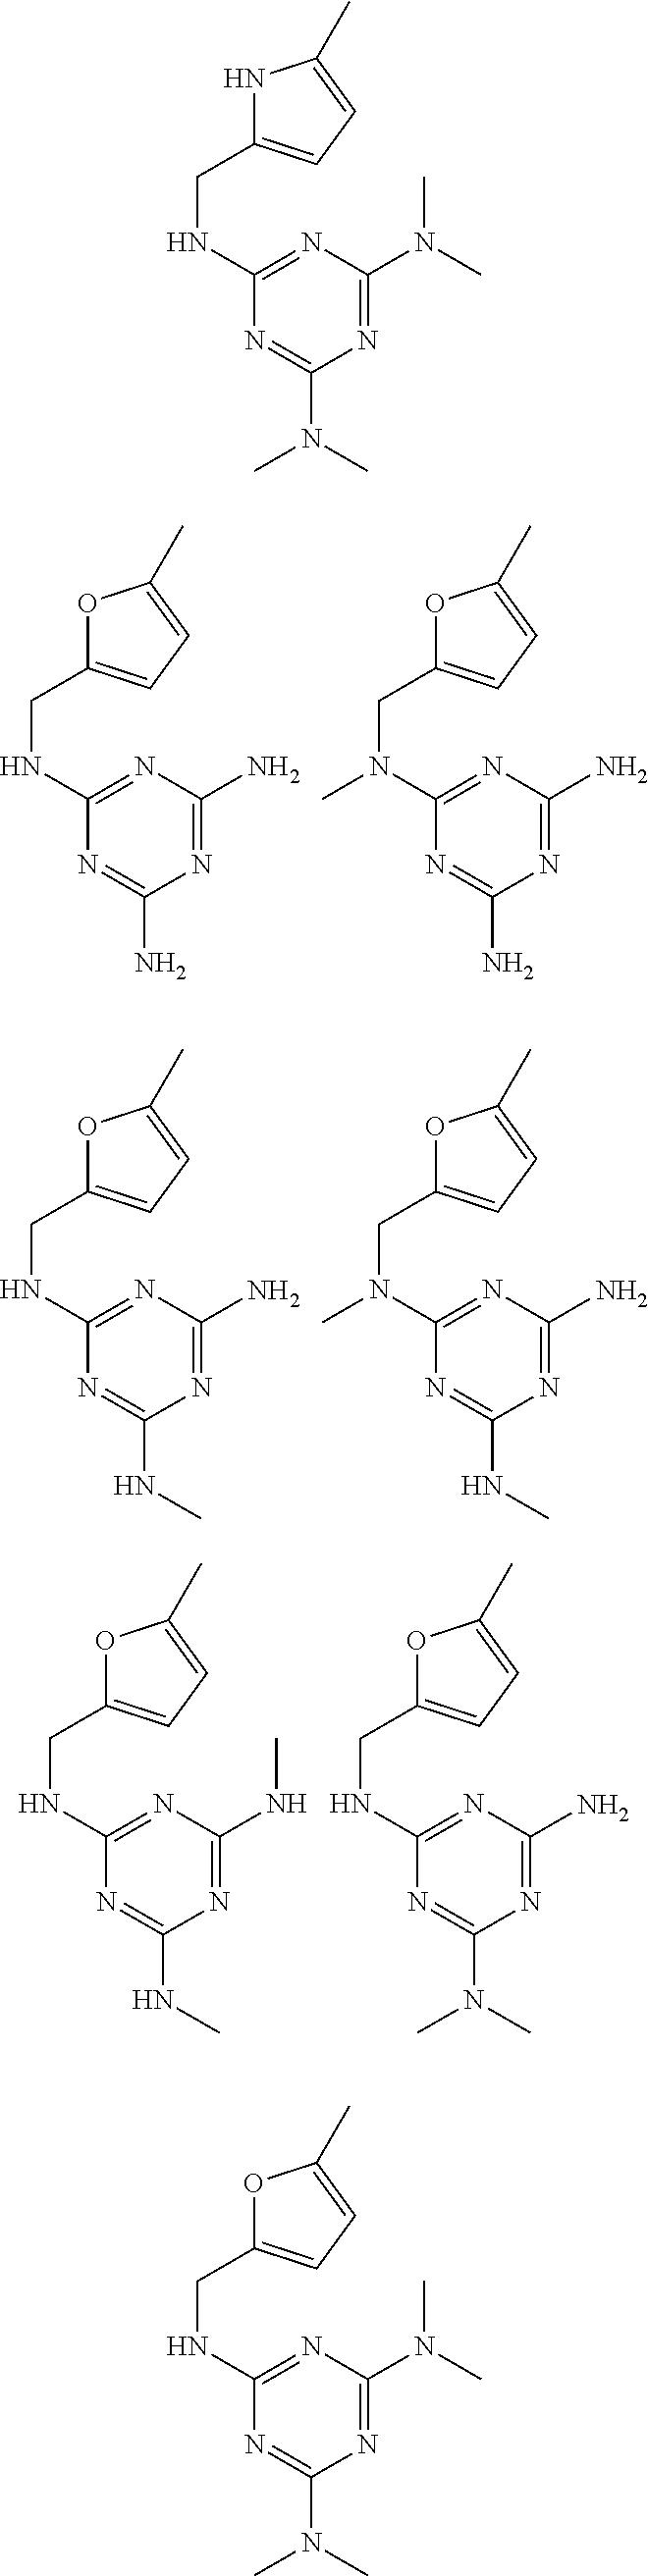 Figure US09480663-20161101-C00134